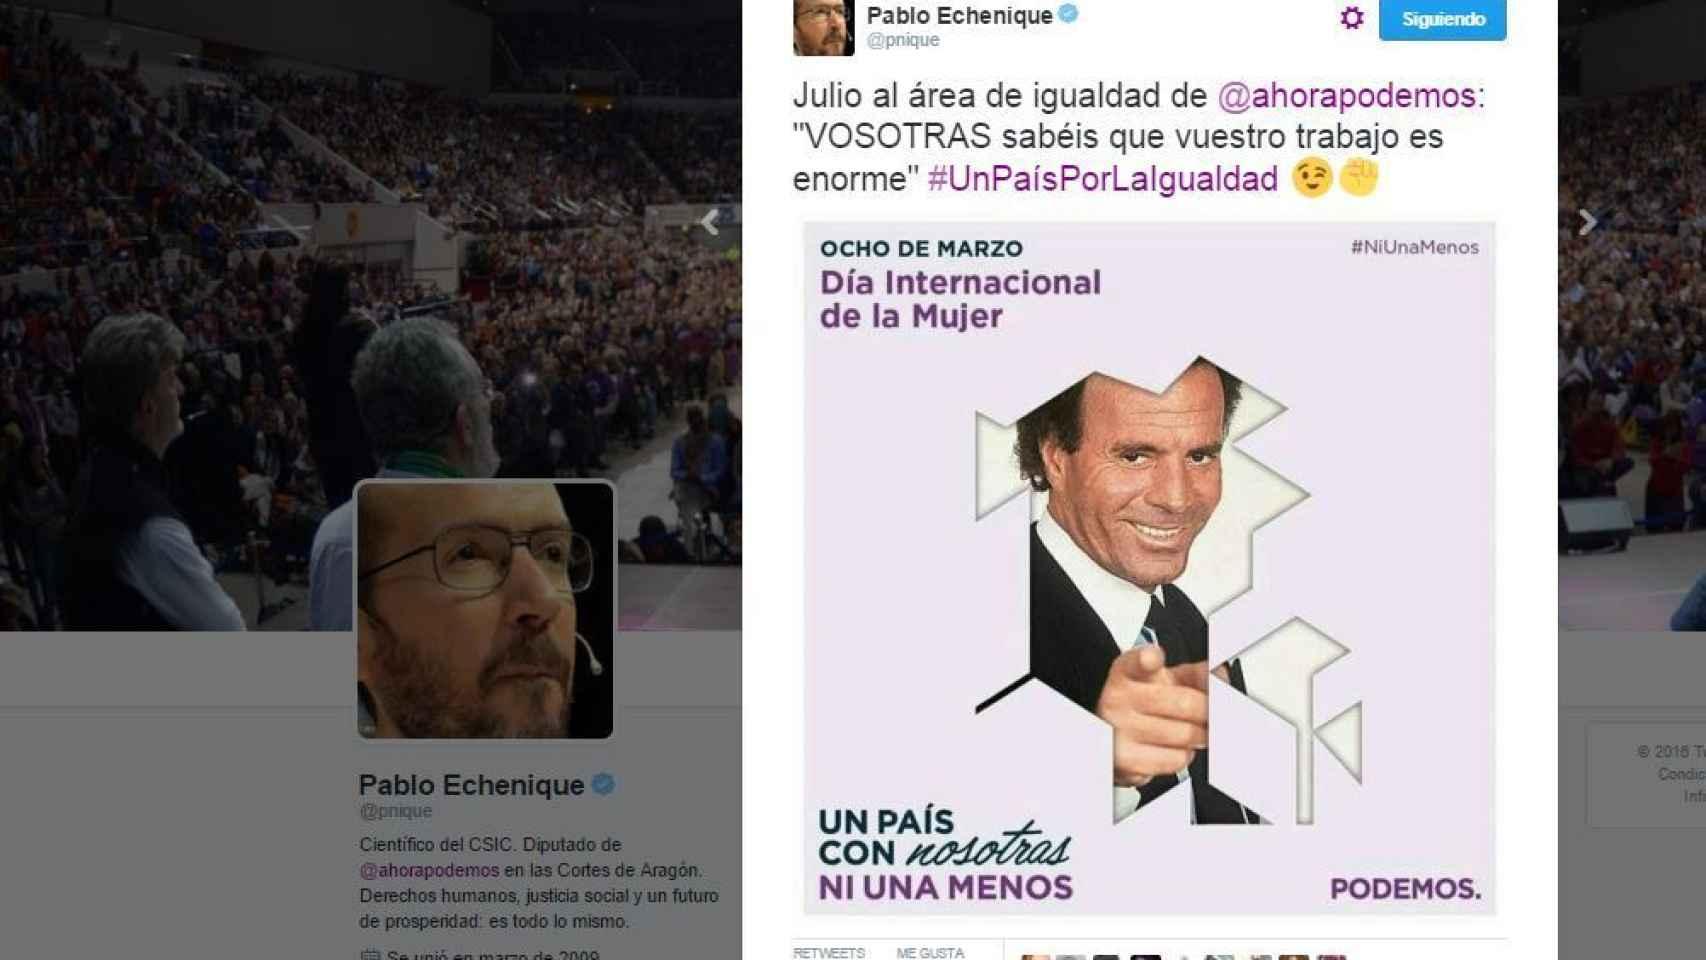 El tuit de Pablo Echenique en el que bromeó sobre la campaña usando a Julio Iglesias.